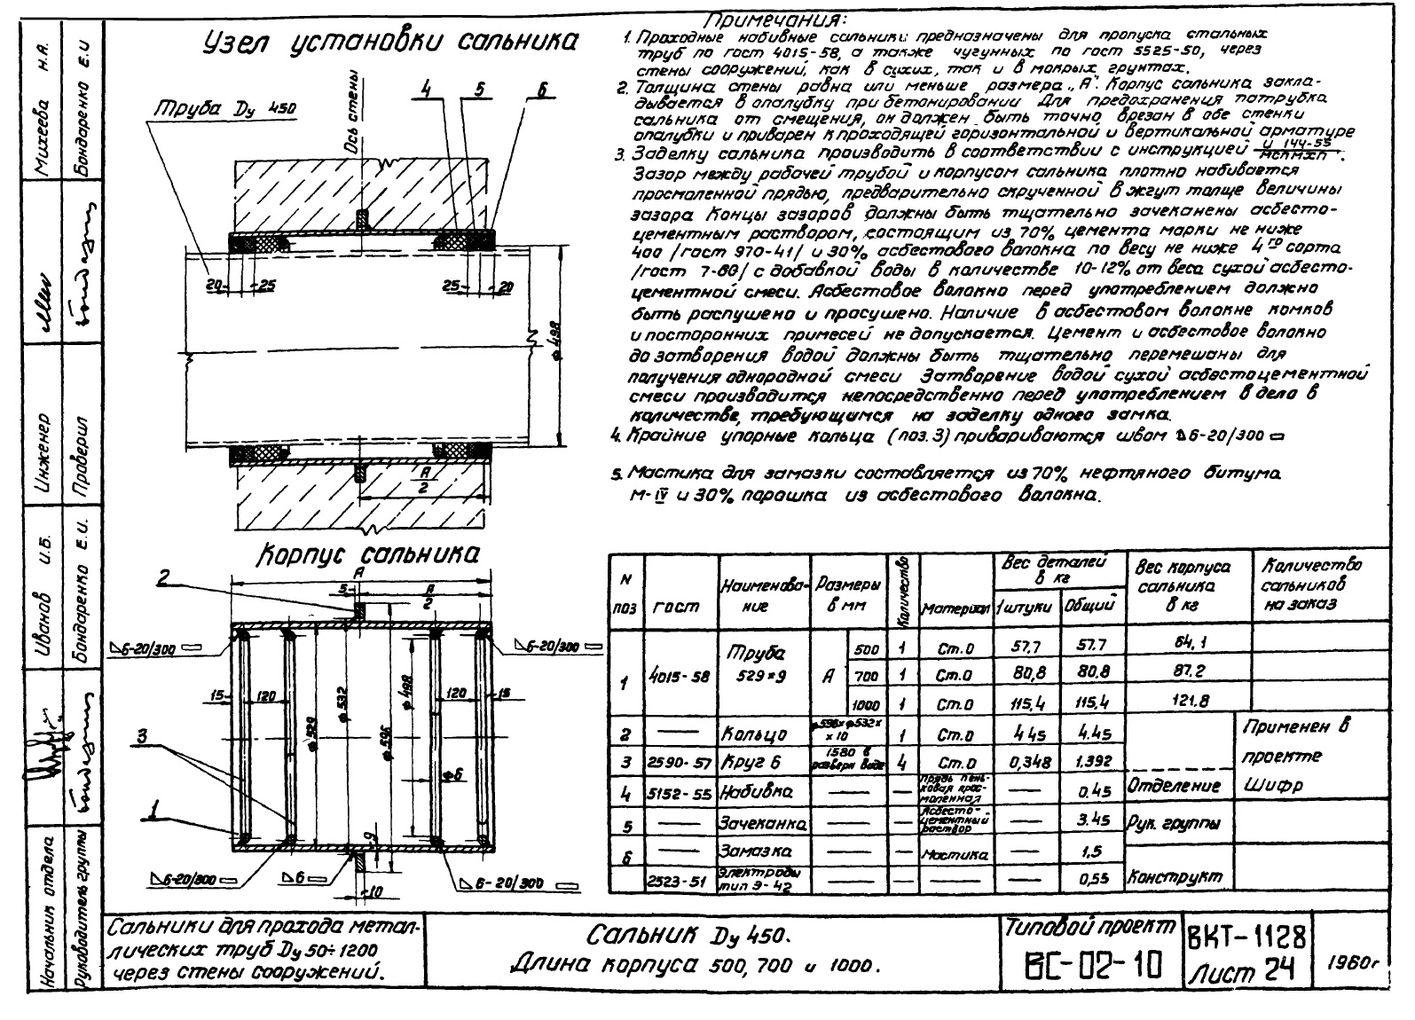 Сальники набивные L = 1000 мм типовой проект ВС-02-10 стр.11